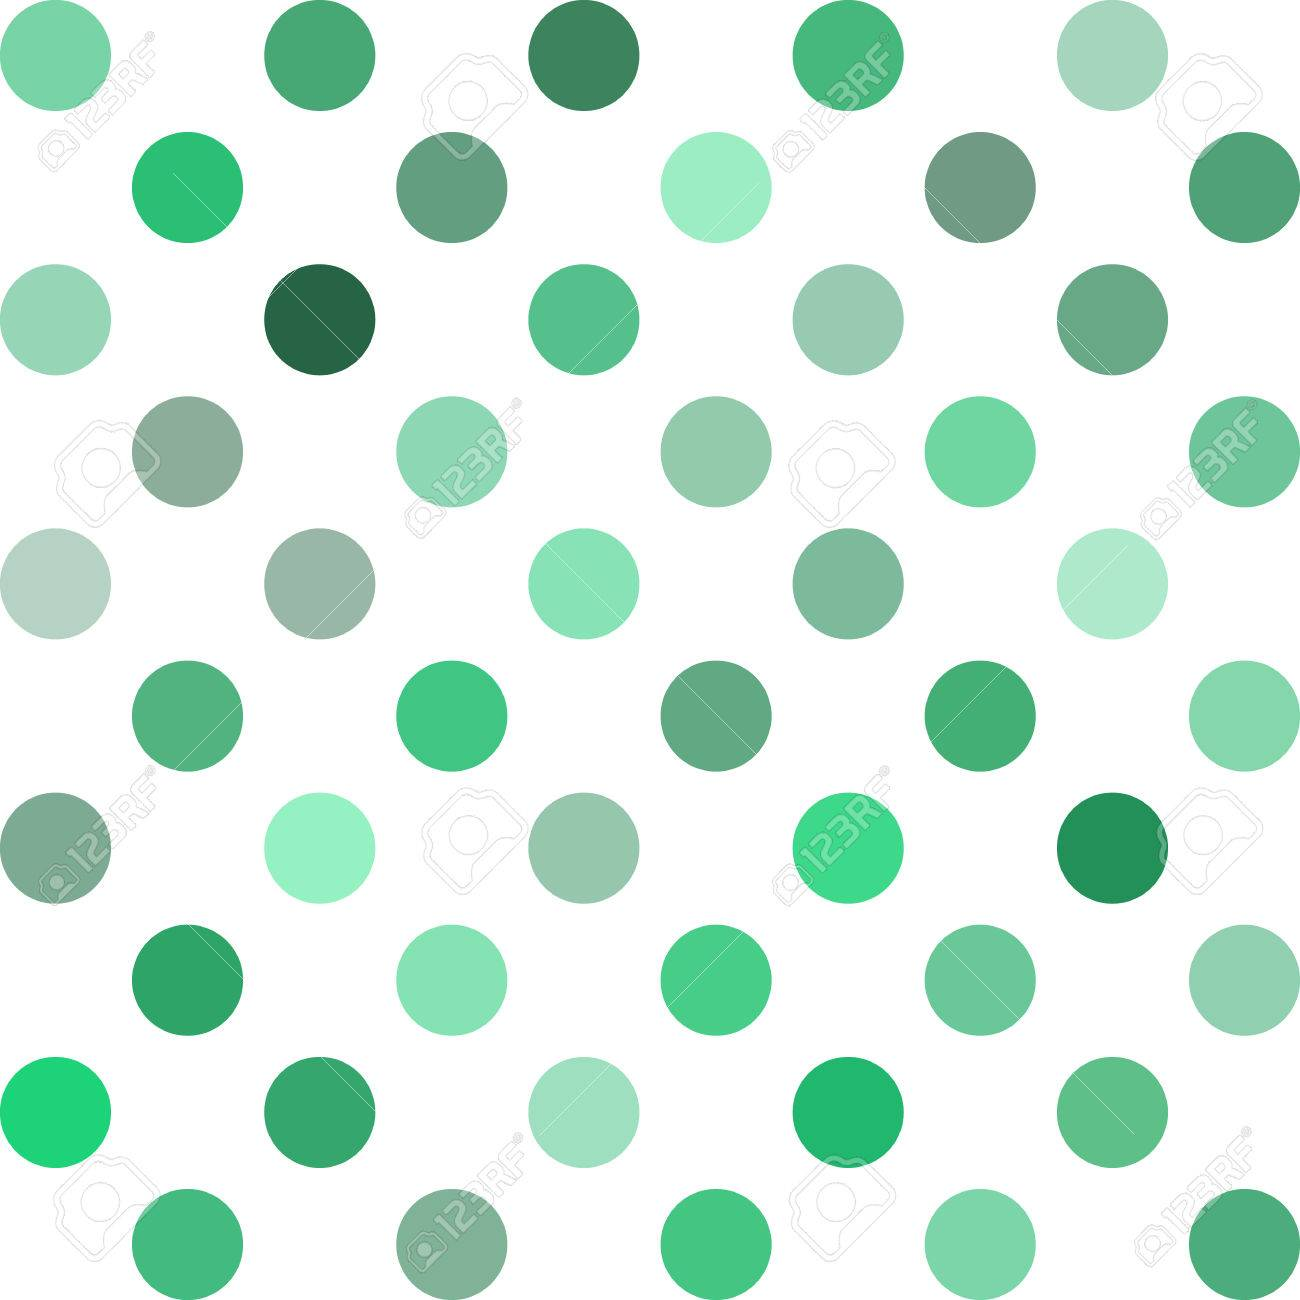 Grüne Tupfen-Hintergrund, Kreatives Design Vorlagen Lizenzfrei ...